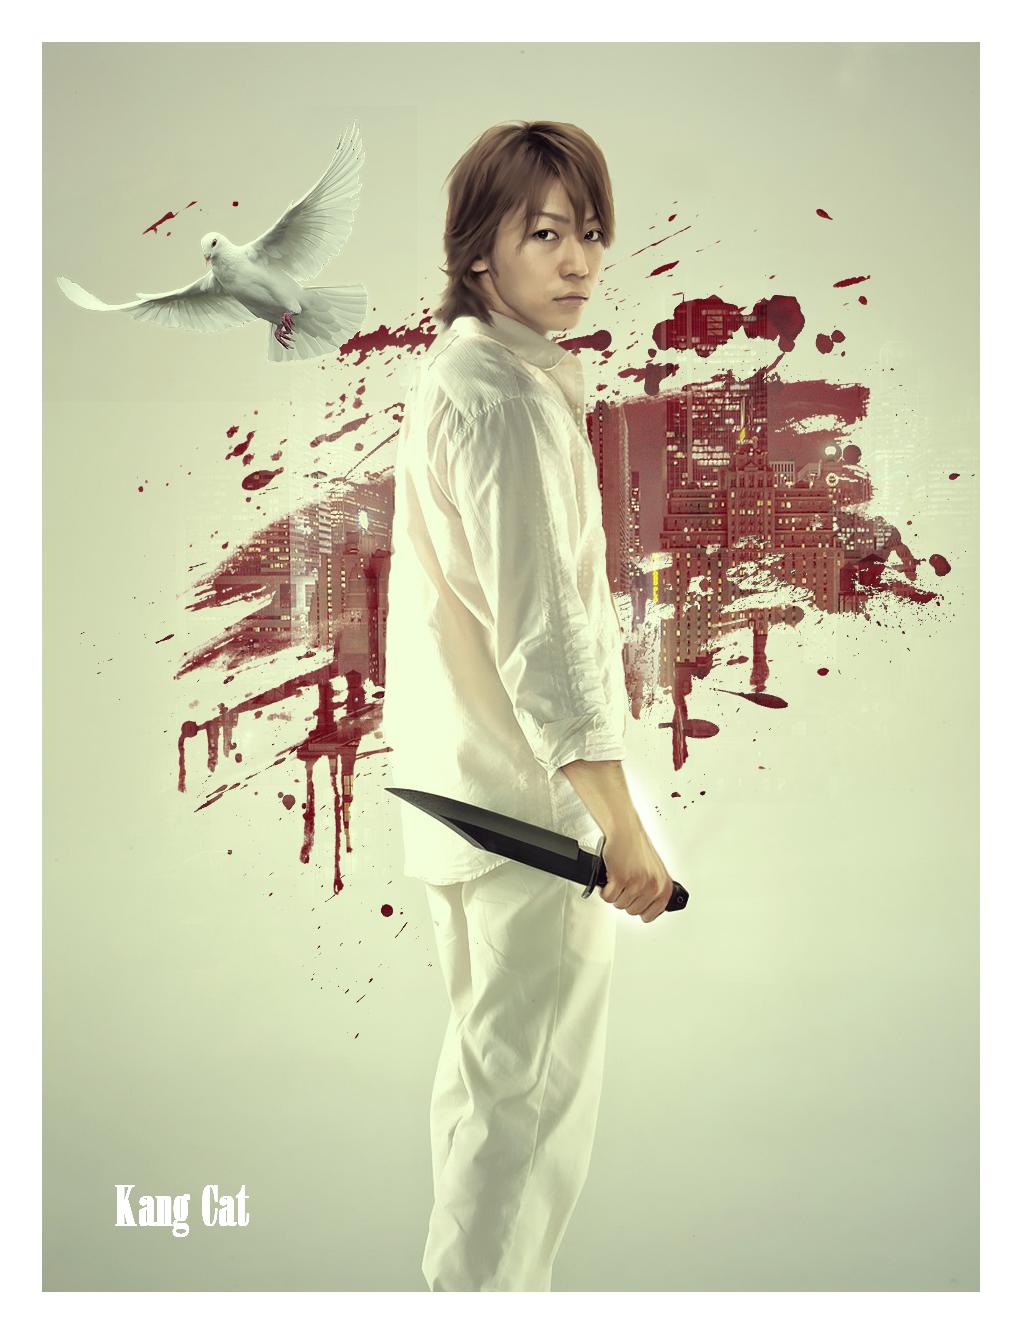 Miyavi Kyomu Aka Kamenashi Kazyua Kamenashi_kazuya__blood_and_soul_by_kang_cat-d6v92eb